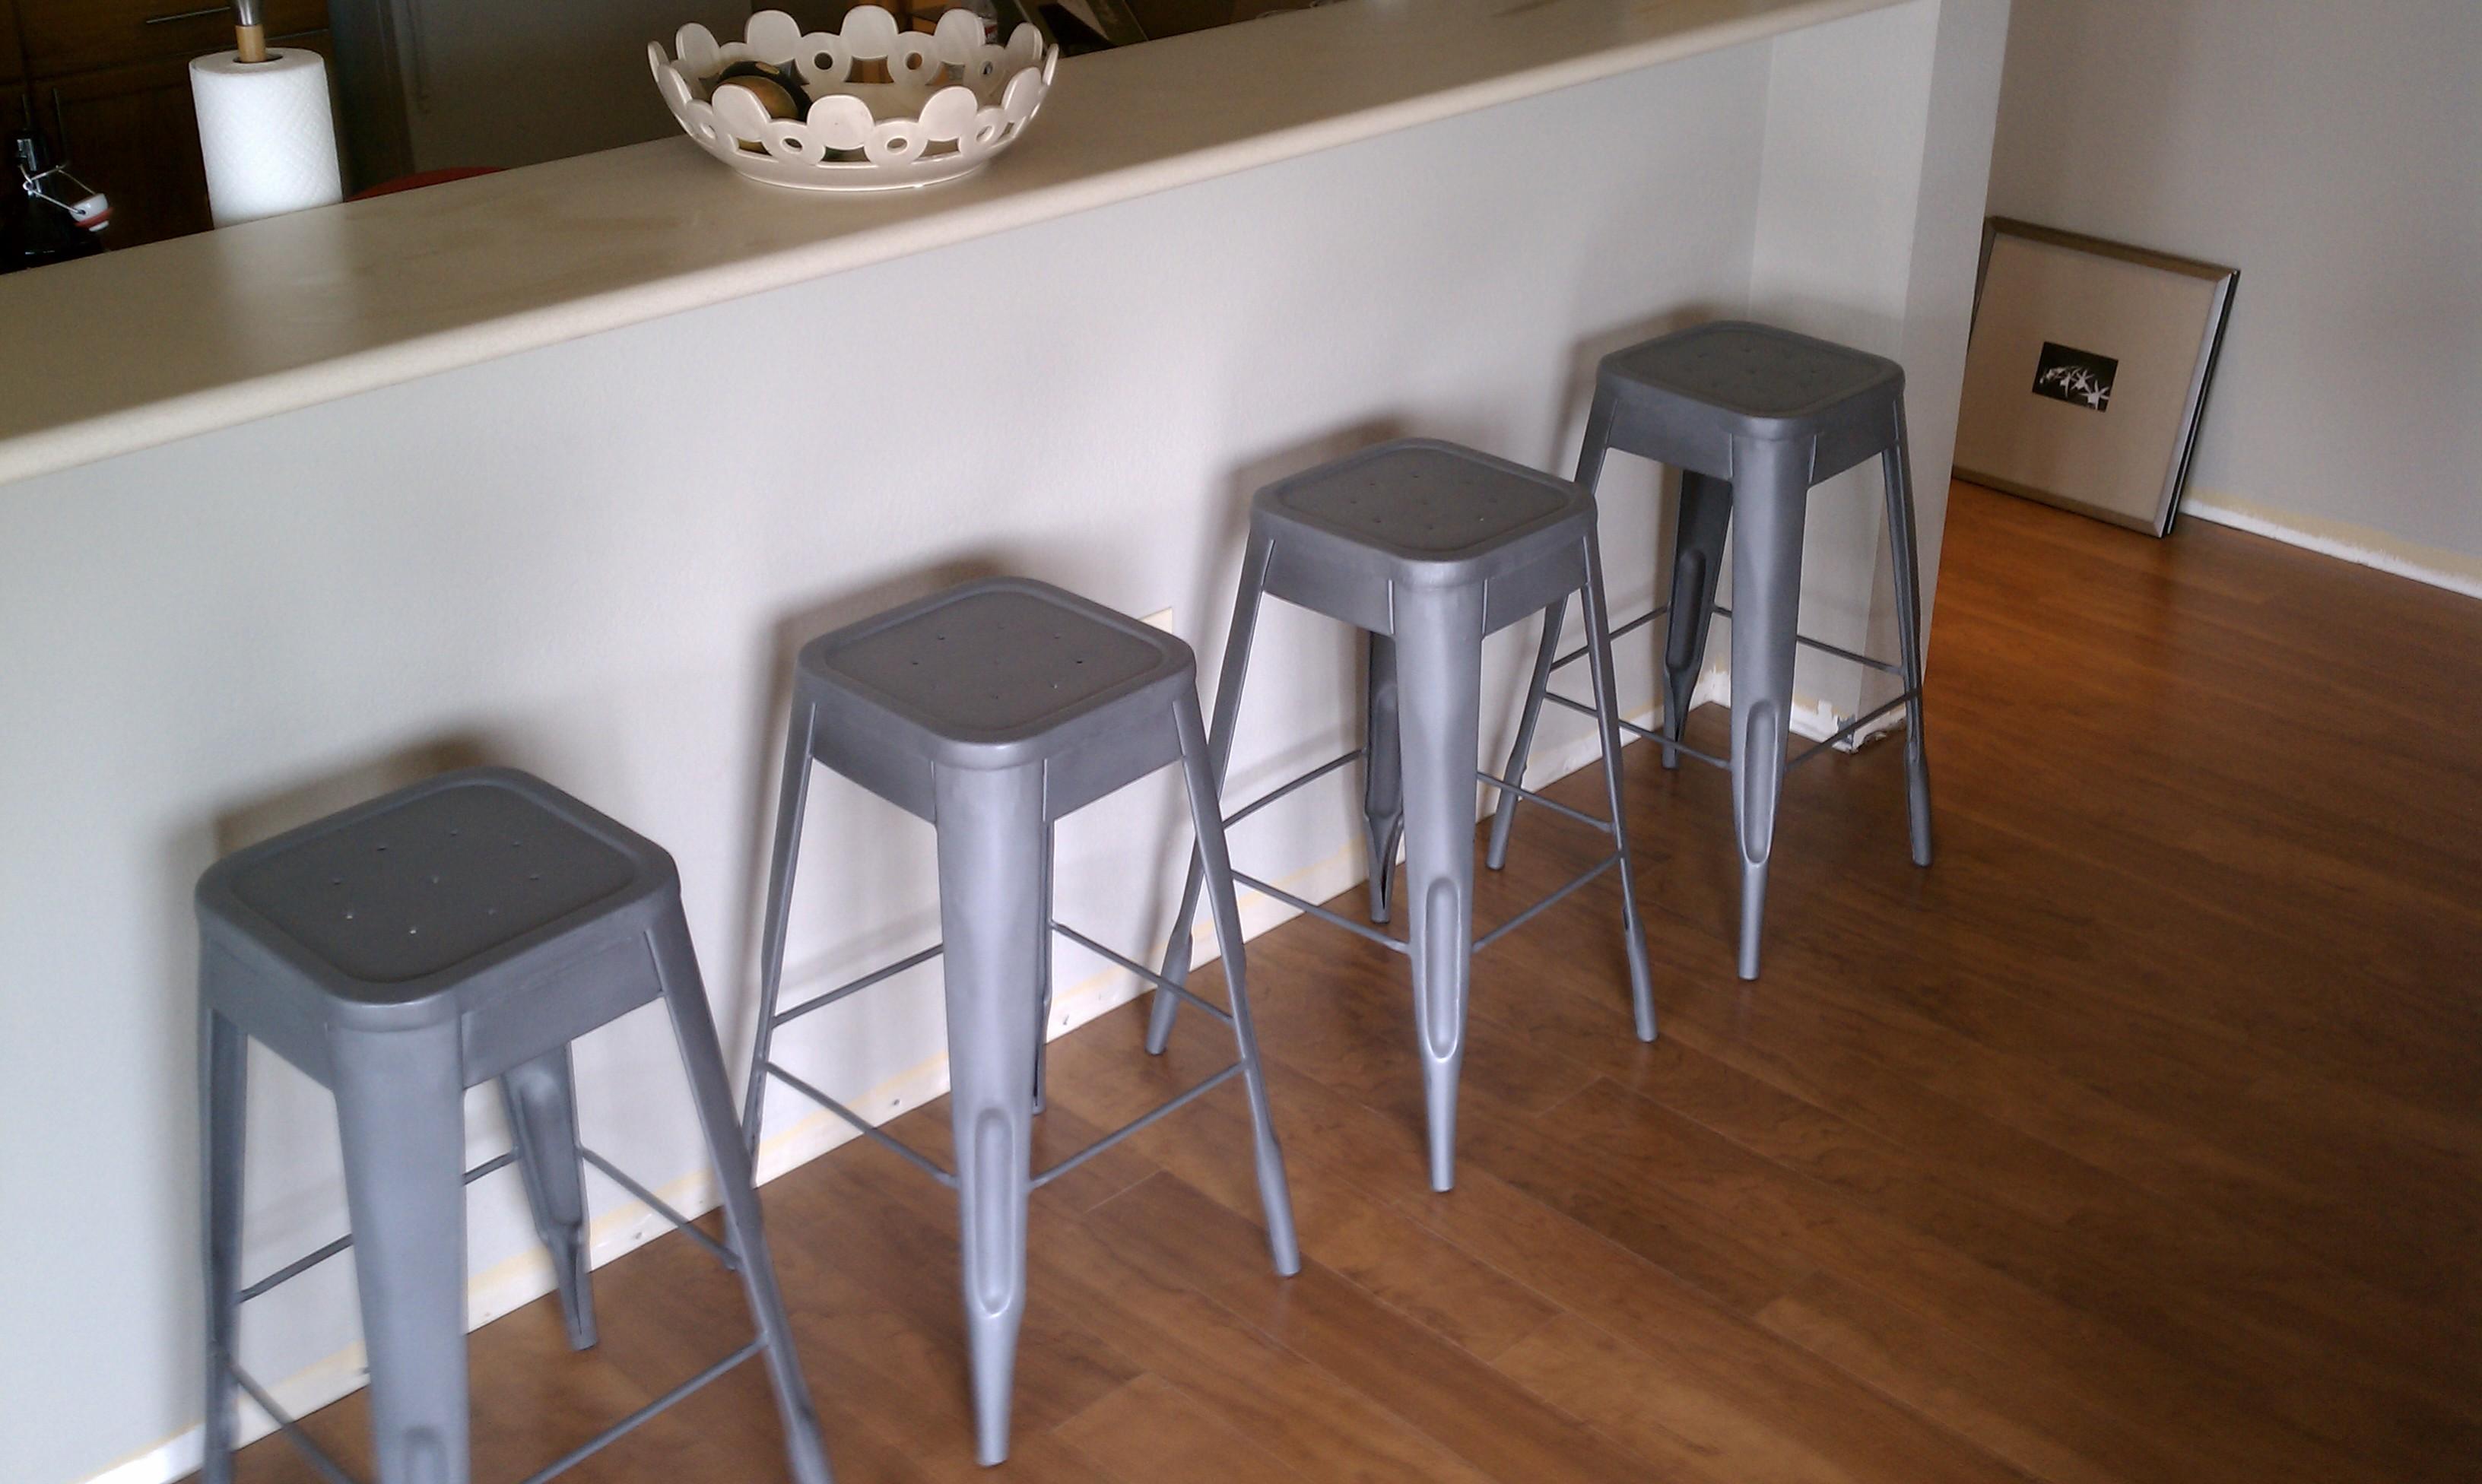 homemade bar stools crazy homemade homemade bar stools ajari